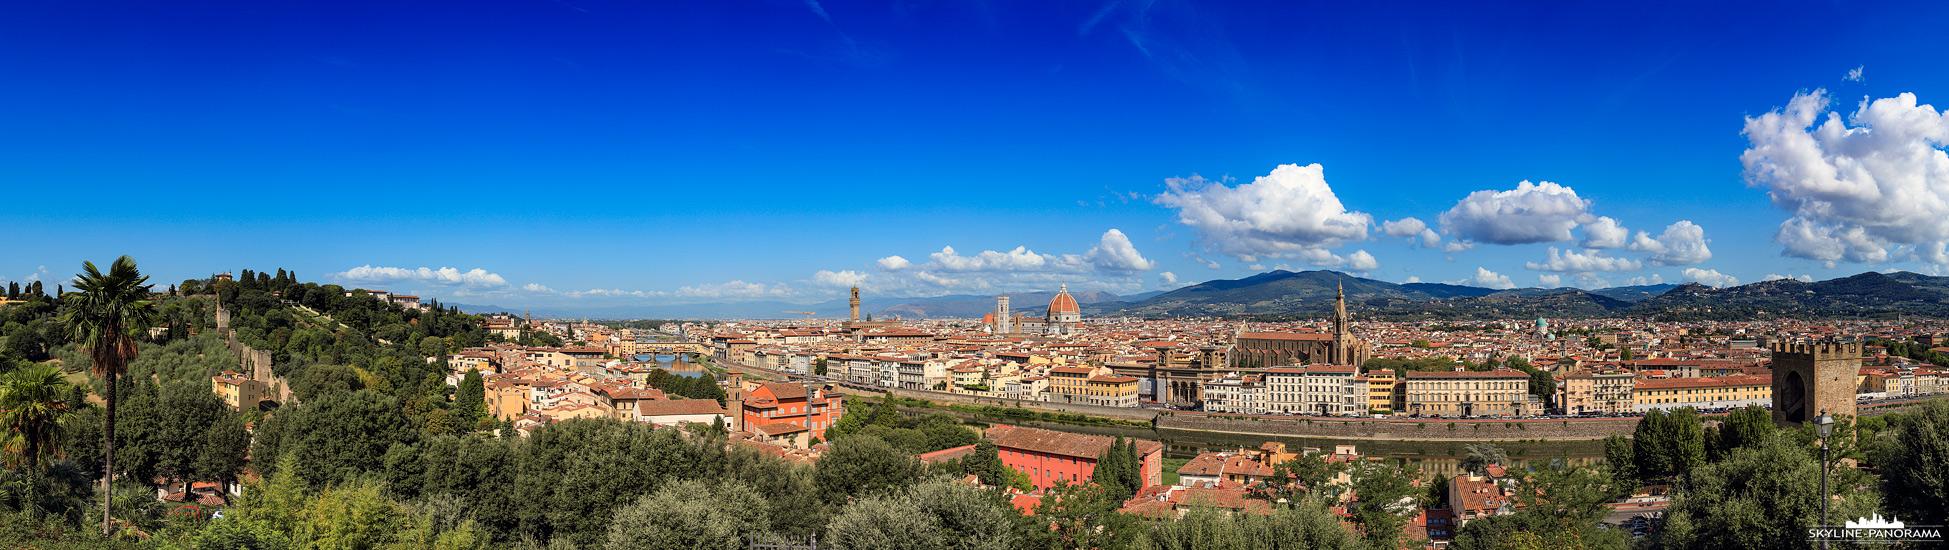 Panorama Italien – Eine Stadtansicht der Altstadt von Florenz als Skyline Panorama vom Piazzale Michelangelo gesehen. Die Aufnahme zeigt die Stadt am Tag.